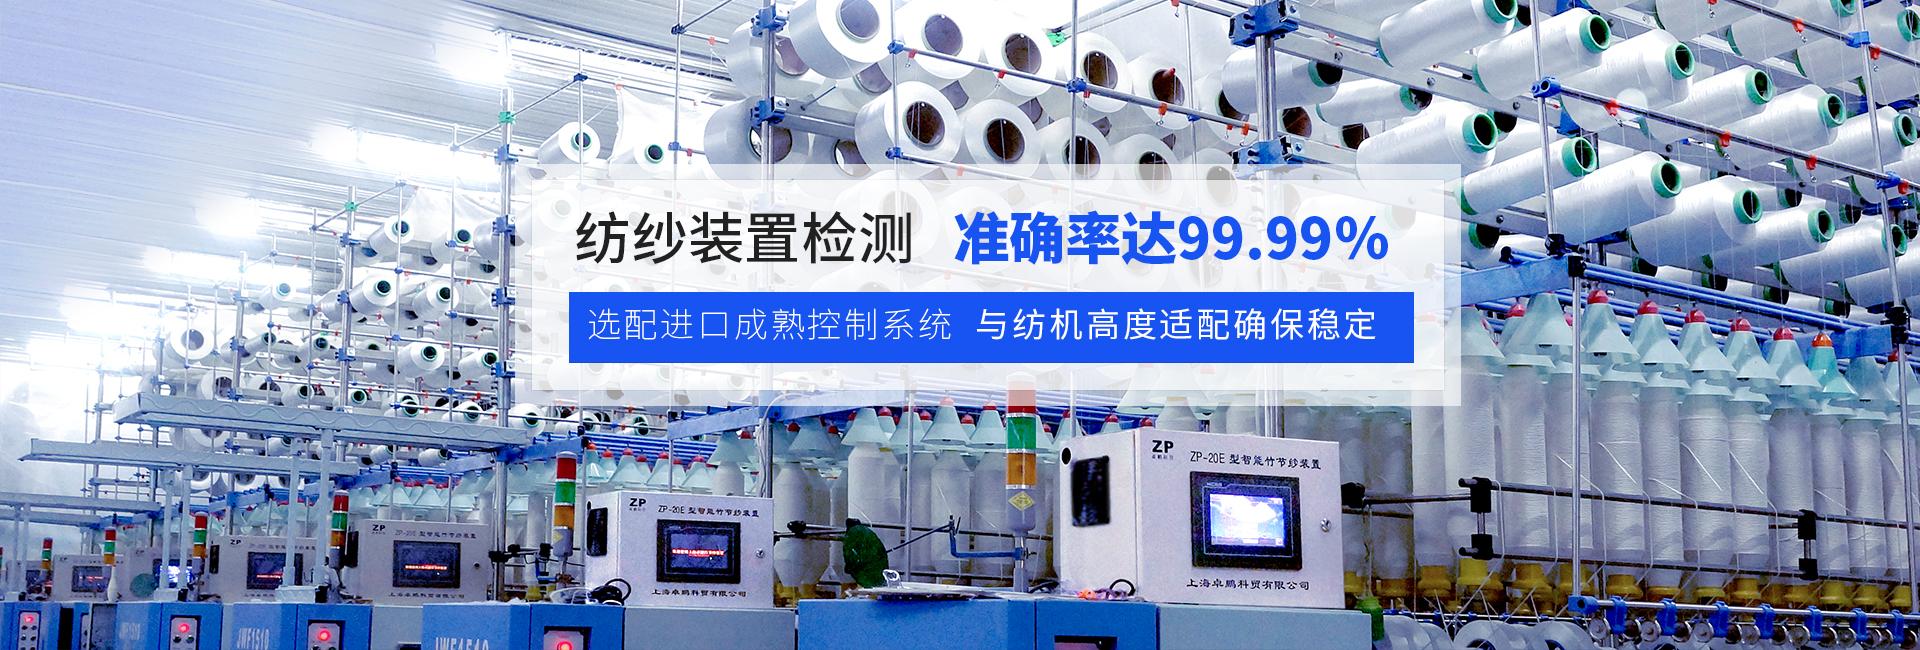 卓鹏纺纱装置检测准确率达99.99%